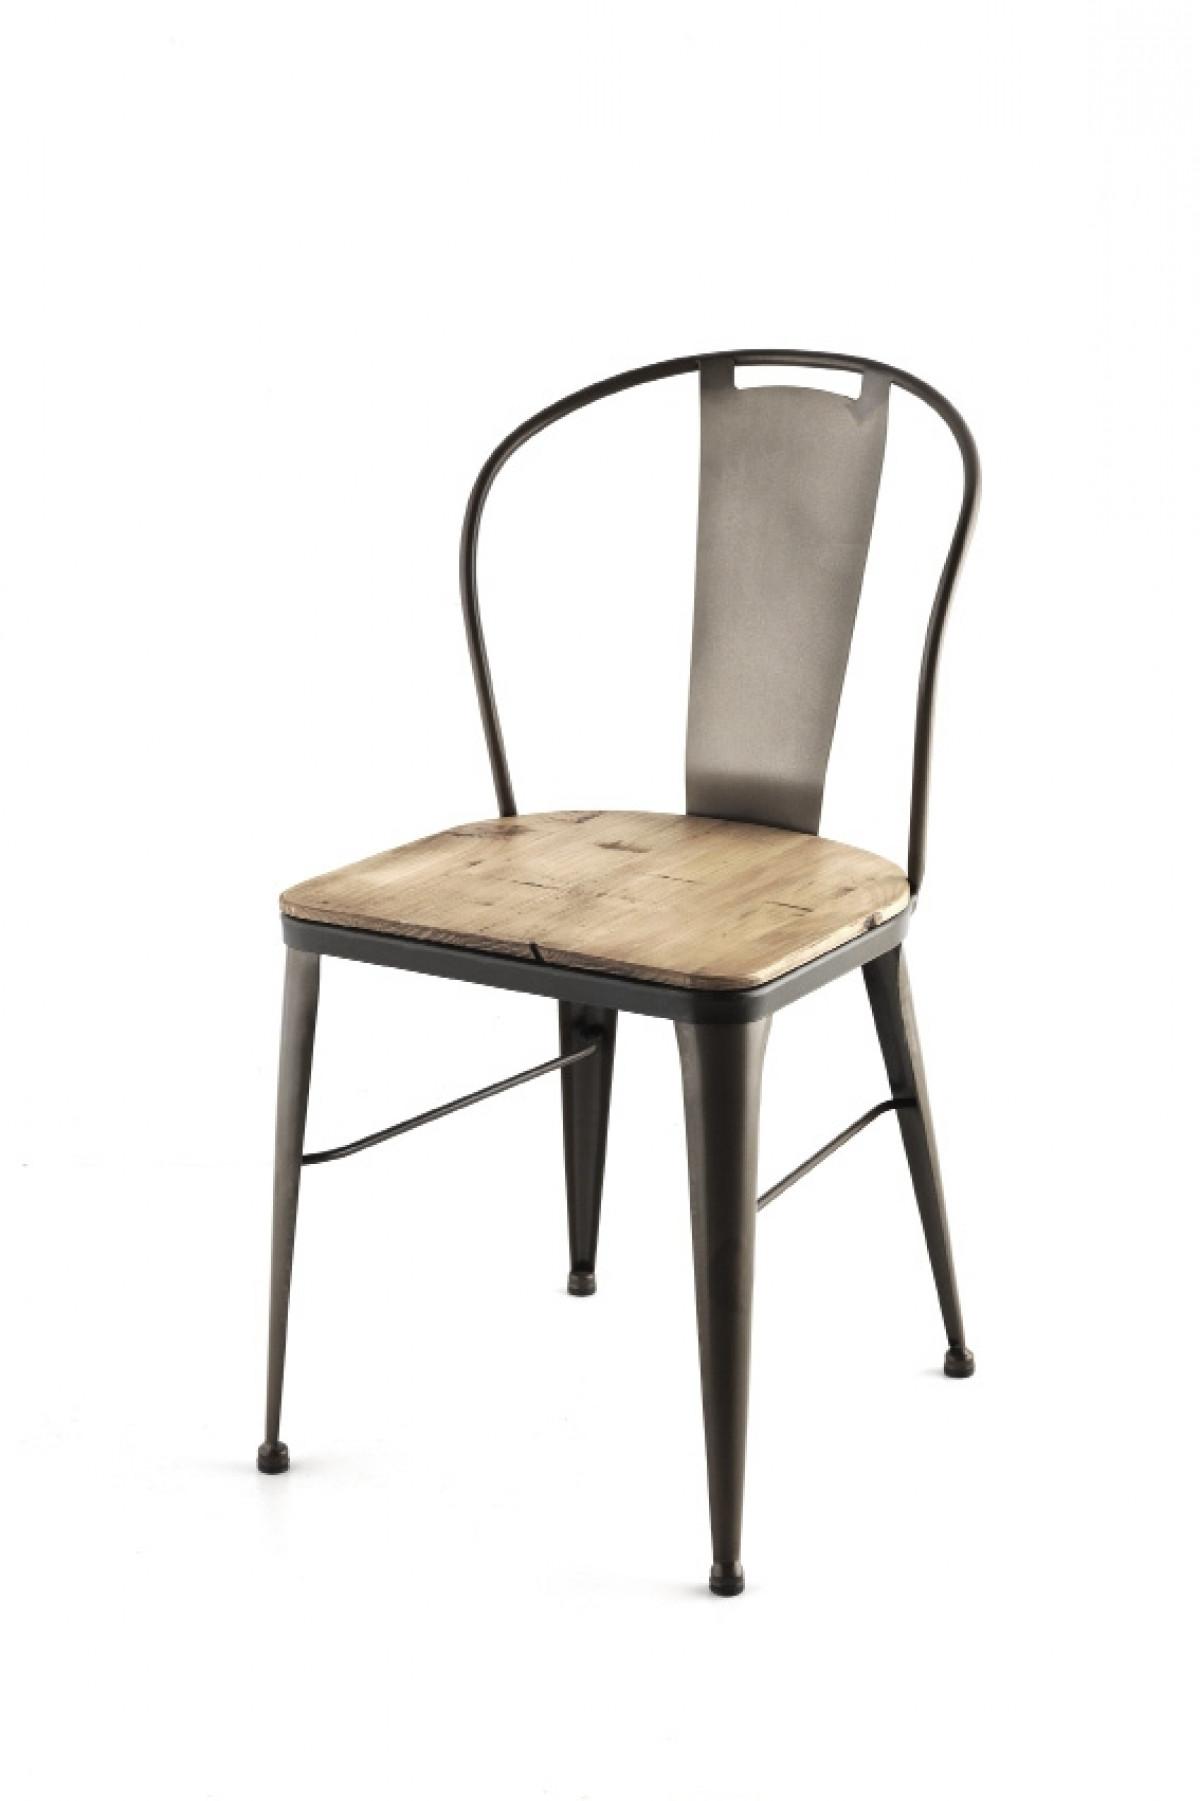 Chaise Bois Et Metal Industriel chaise métal d'inspiration tolix